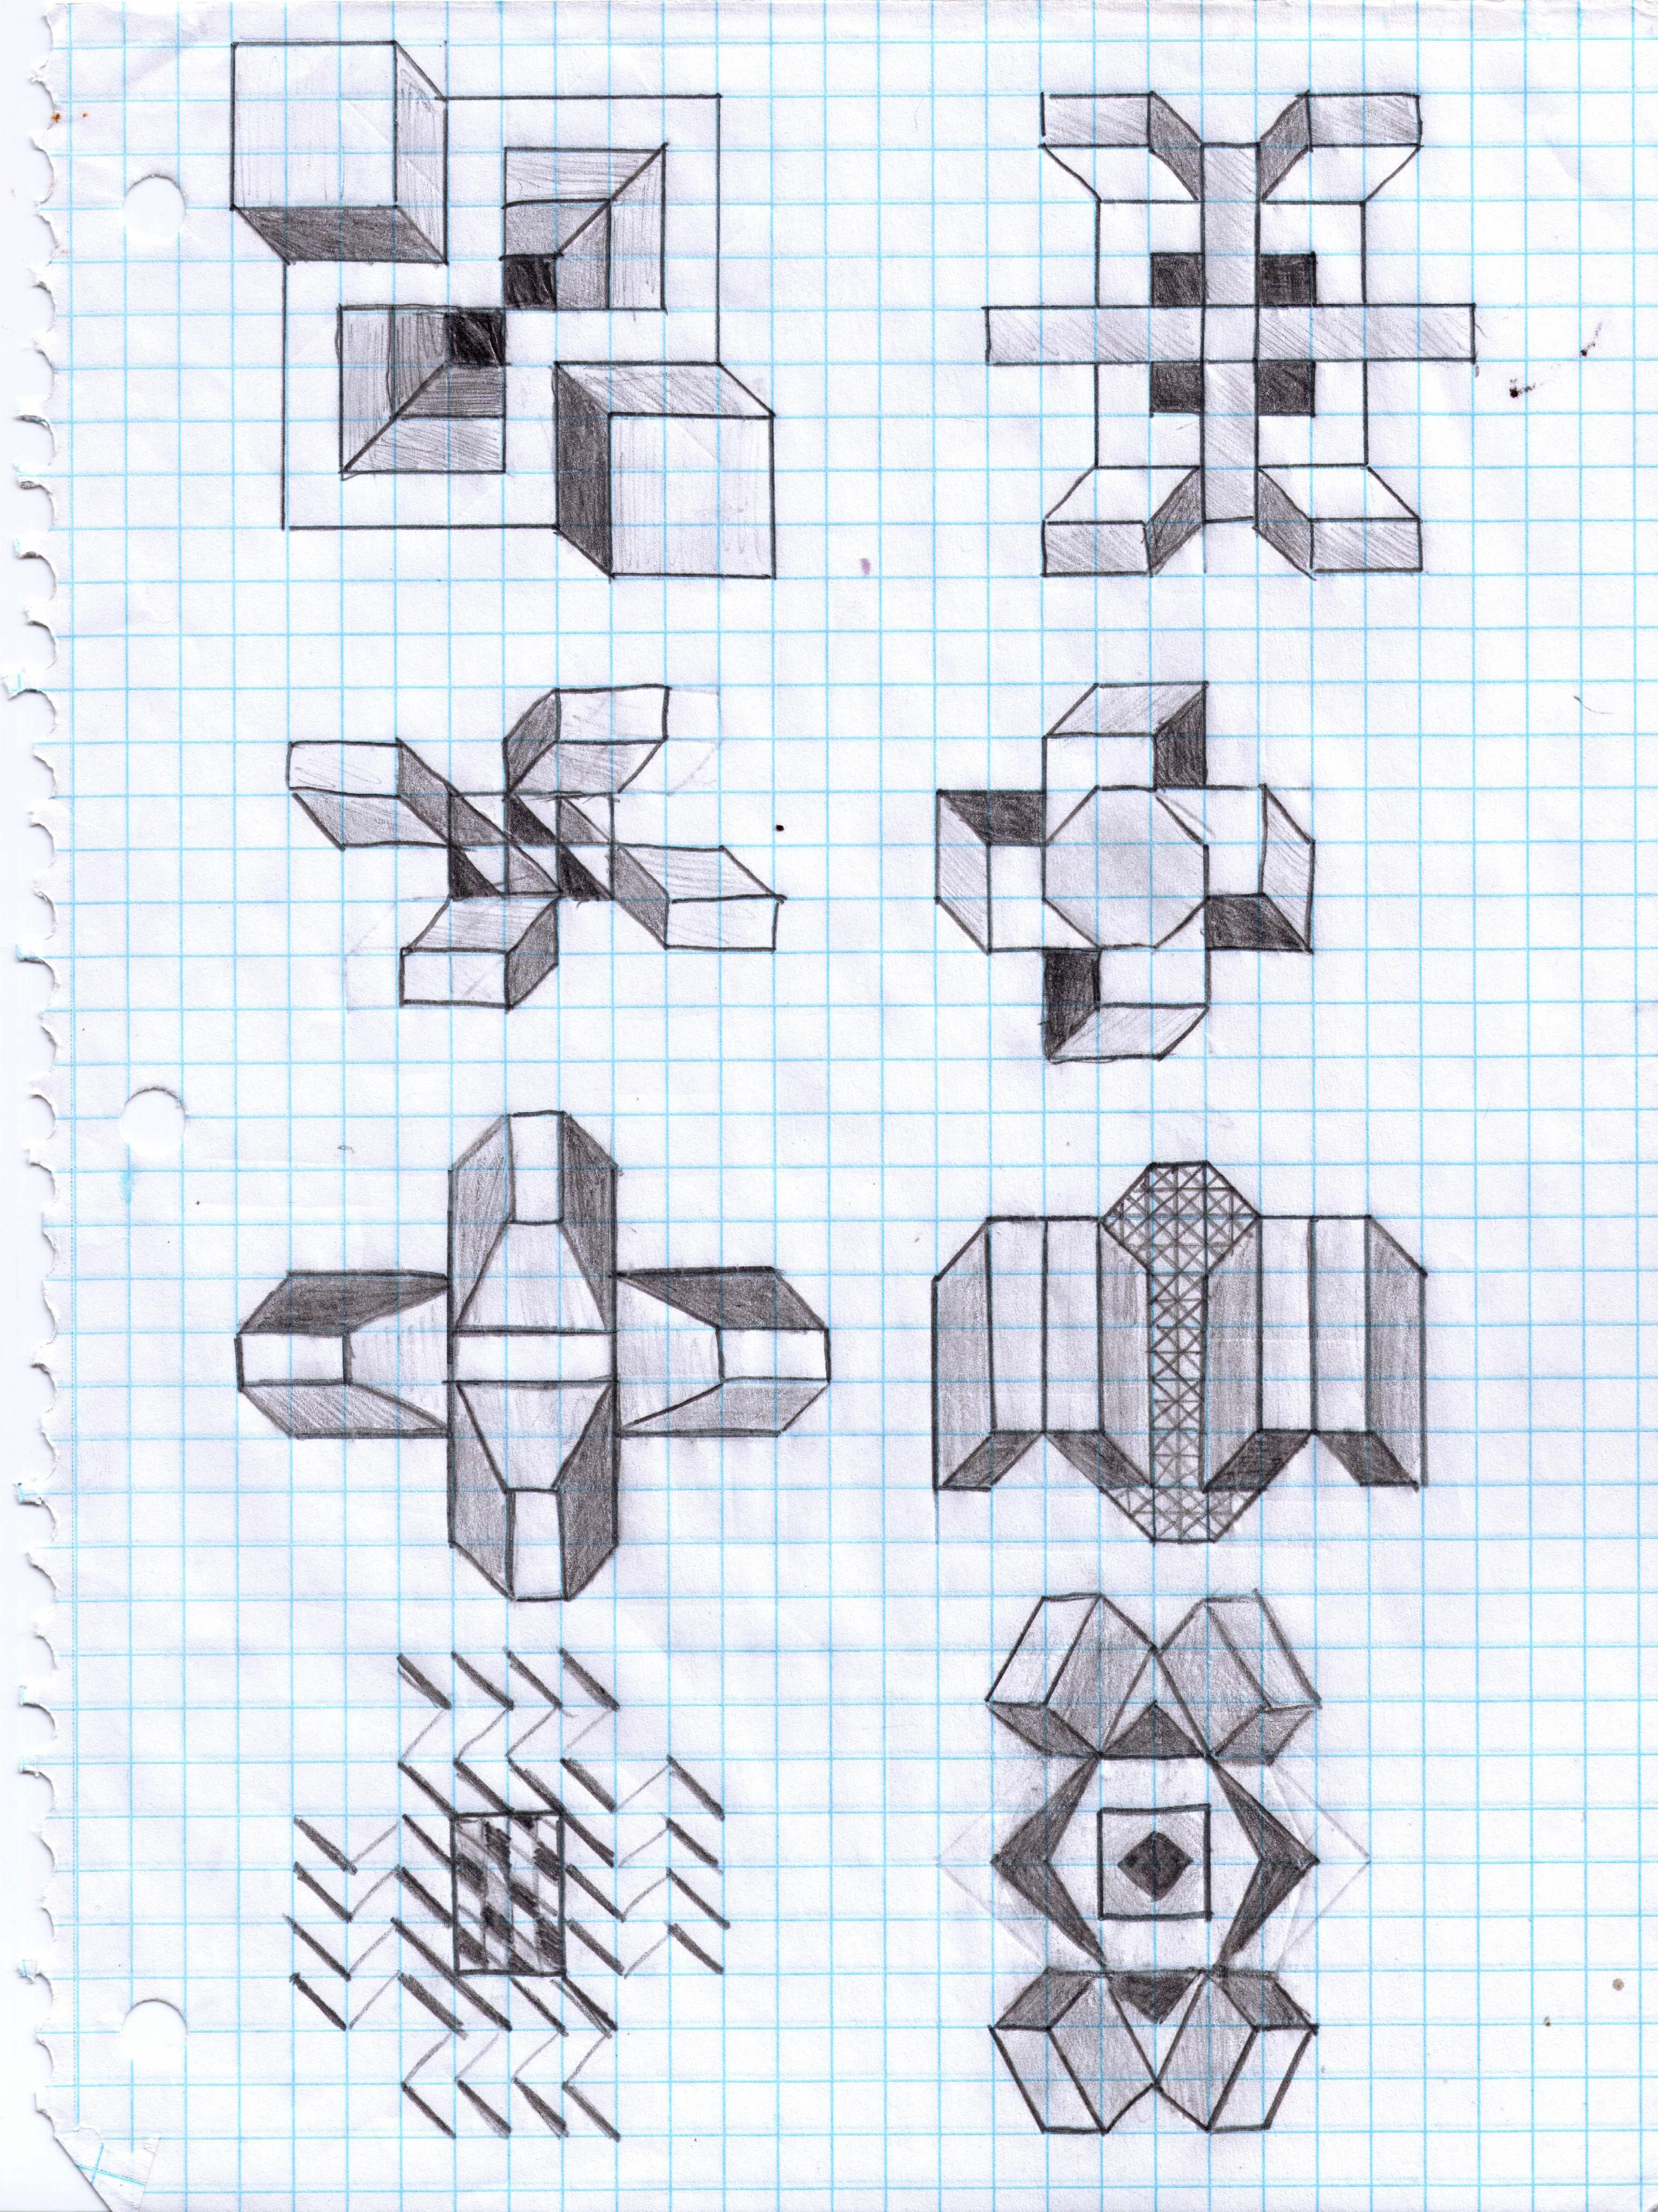 17 Graph Paper Art Designs Images - Cool Graph Paper Art ...